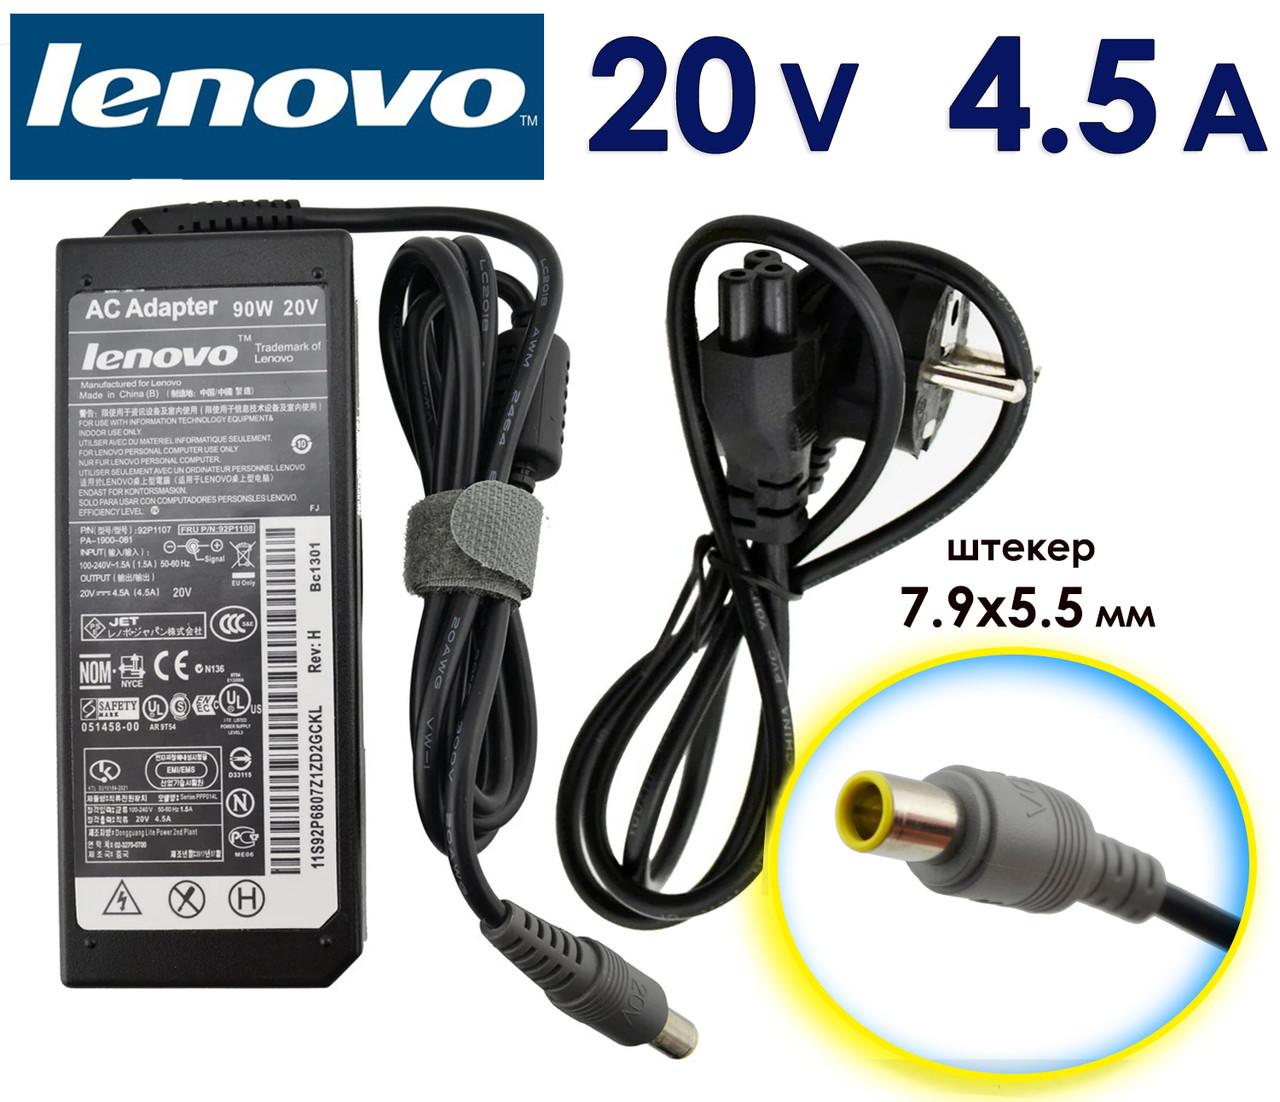 Зарядний пристрій Lenovo ThinkPad T430 20V 4.5A 90w 7.9x5.5  (8.0 pin)